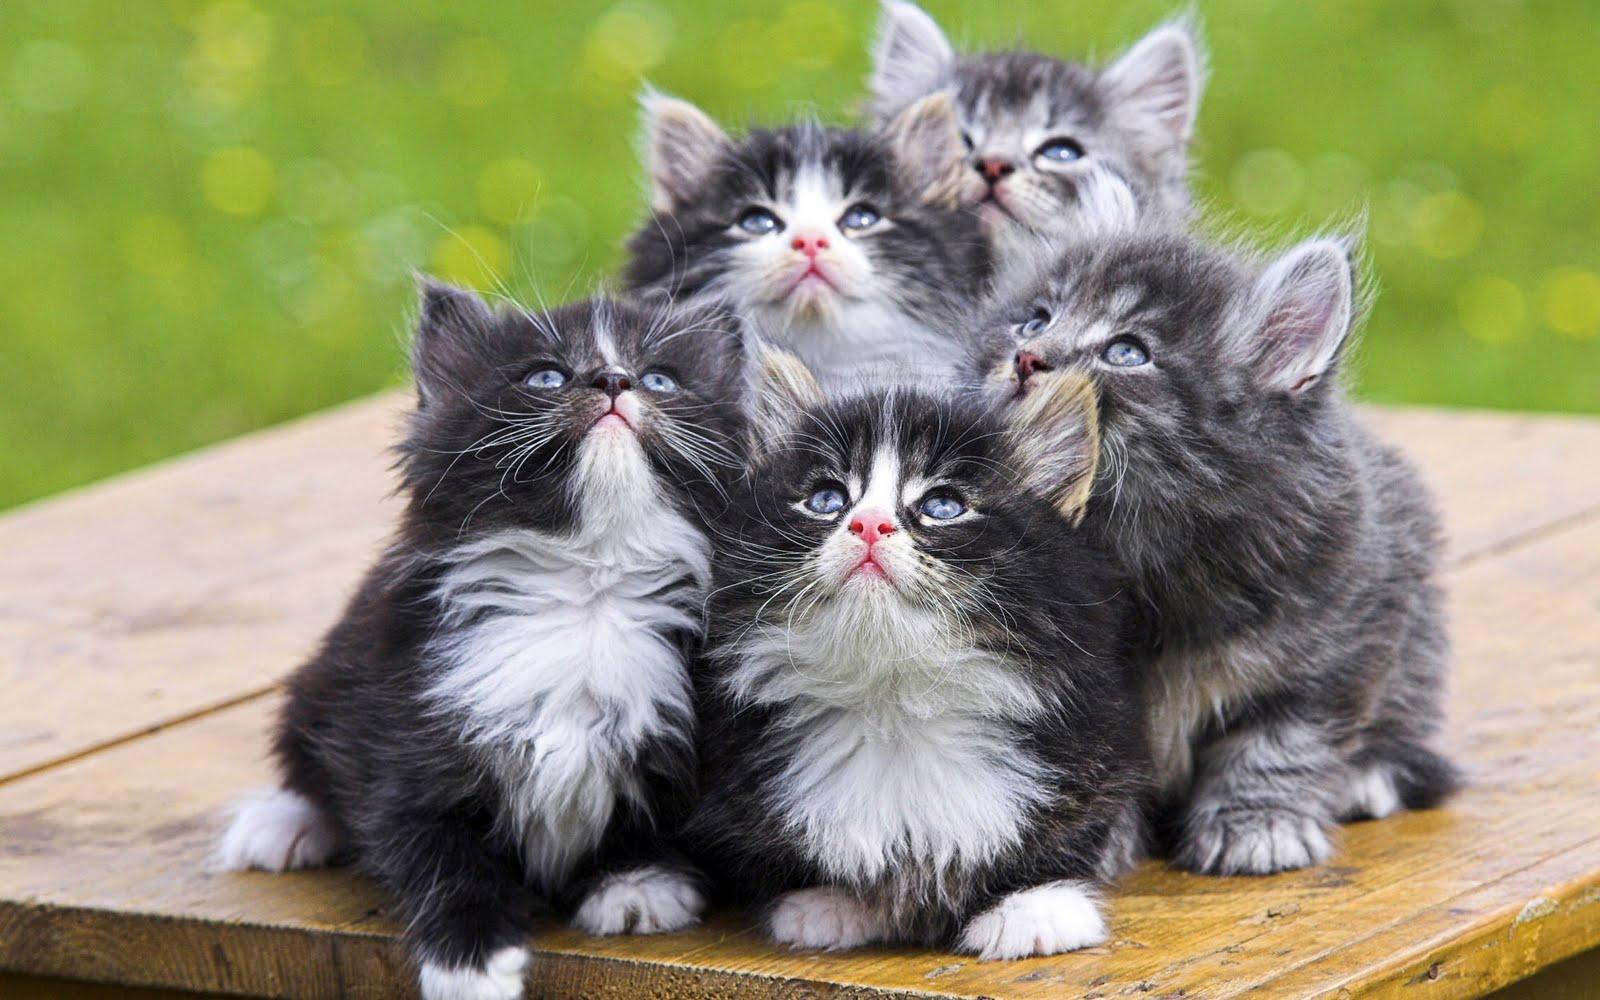 http://2.bp.blogspot.com/_KLJU3hHDGVM/S-lC_q_cTeI/AAAAAAAAB-w/CVEDrNeTBX8/s1600/cats+%288%29.jpg